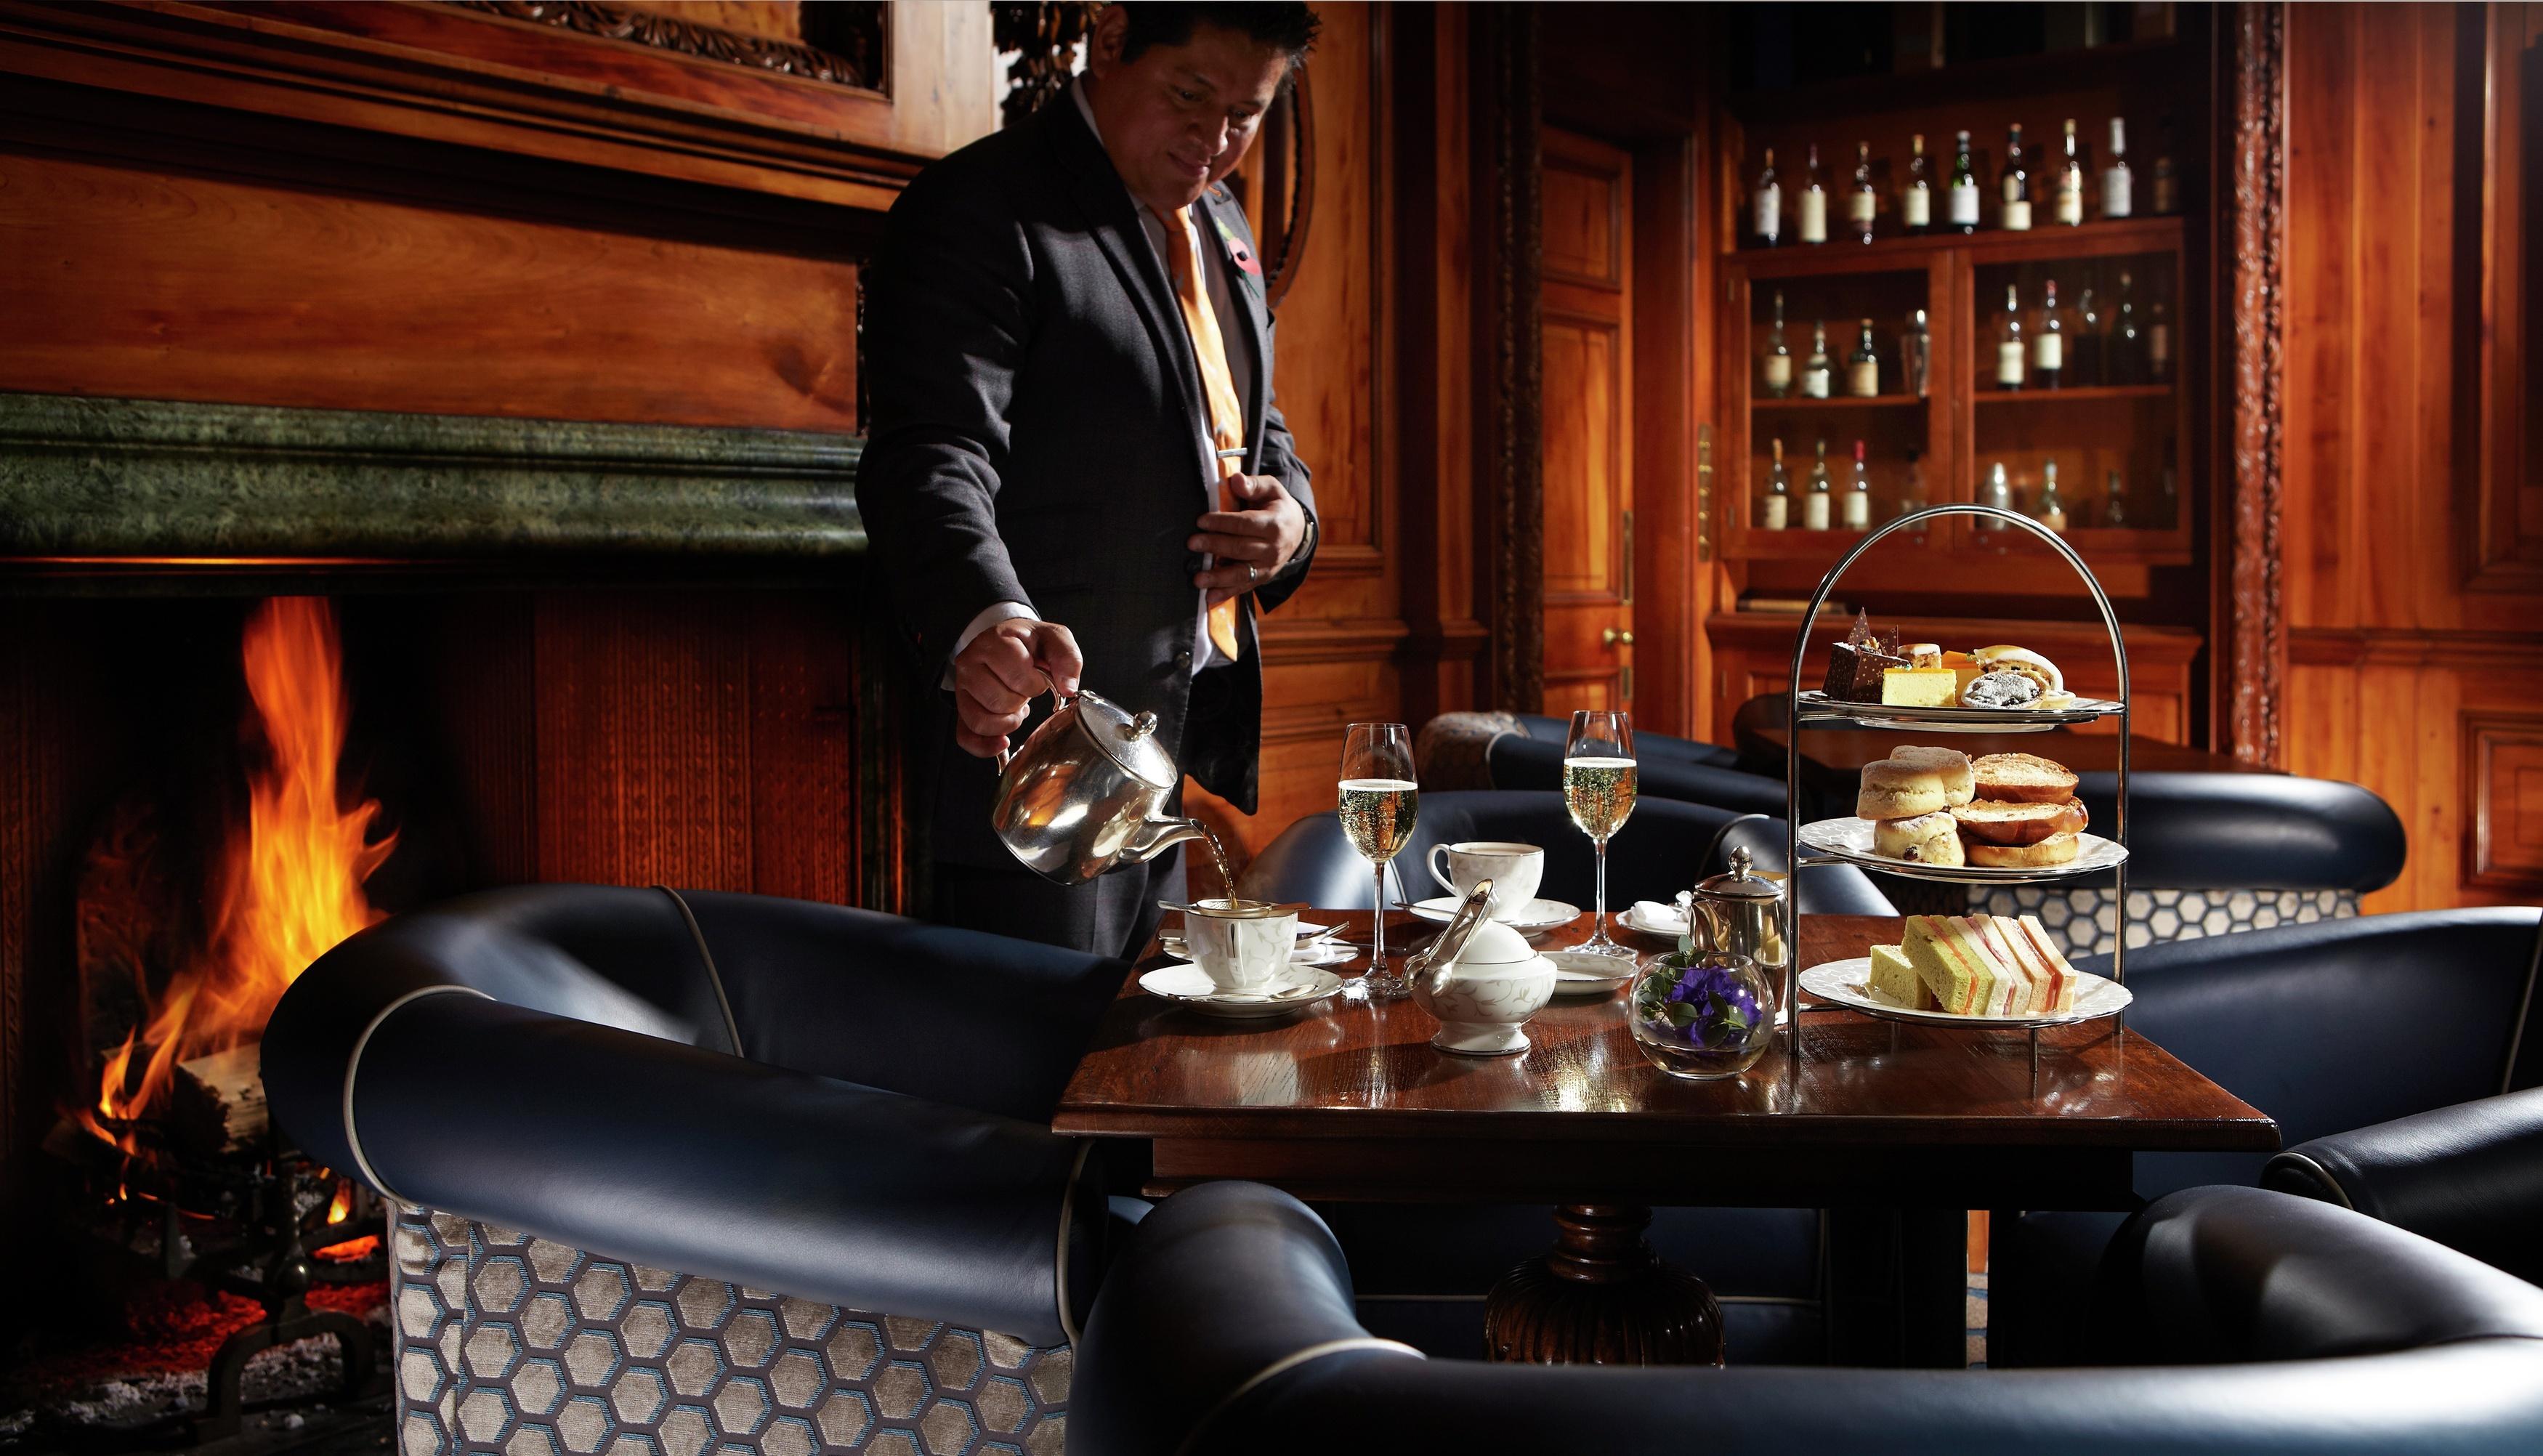 Lainston House Hotel Cedar Bar Afternoon Tea